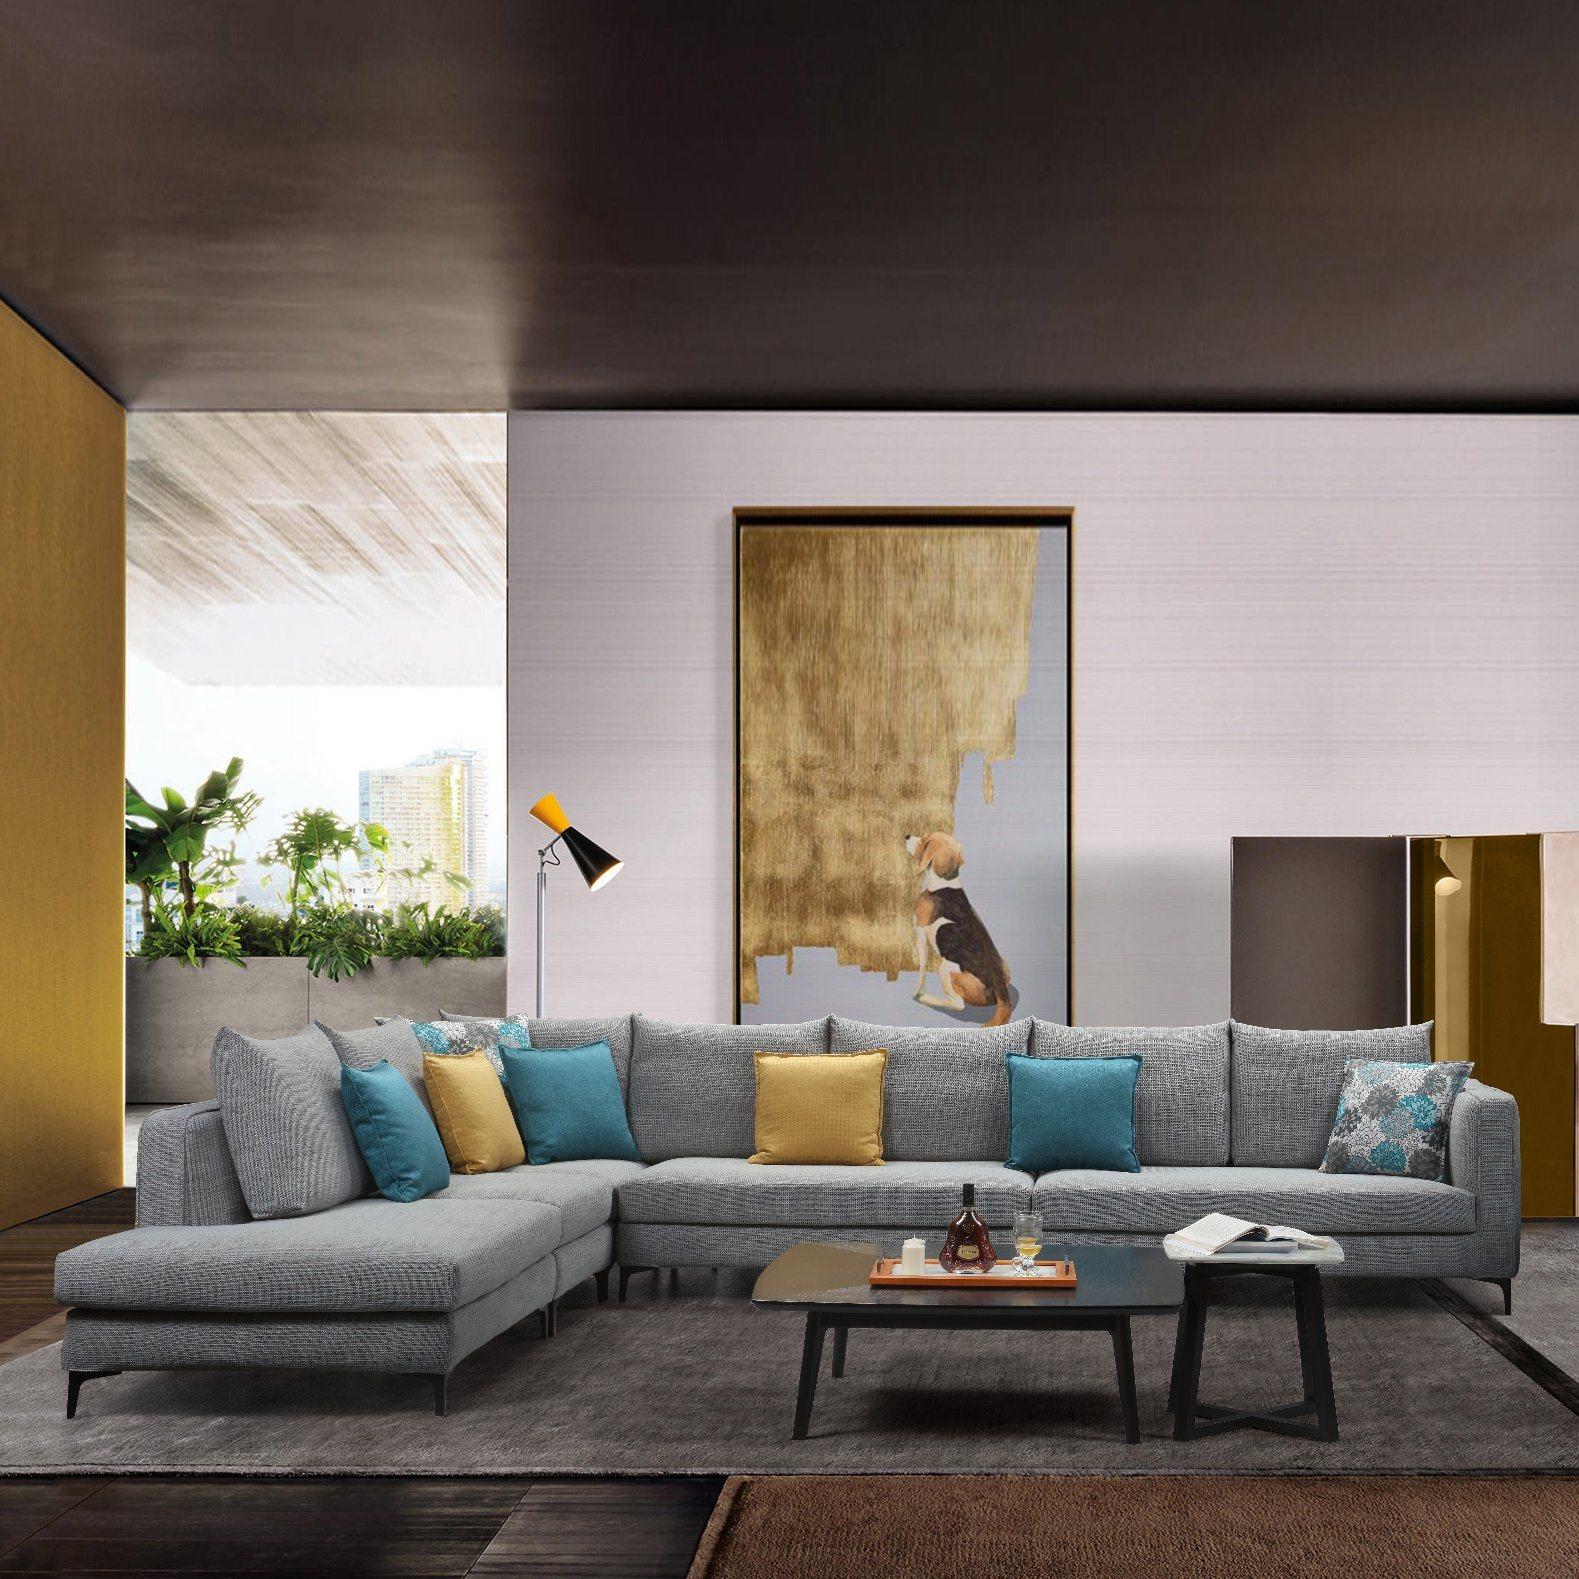 Tamanho grande cinzenta L Shape sofá de tecido para mobiliário de sala de estar